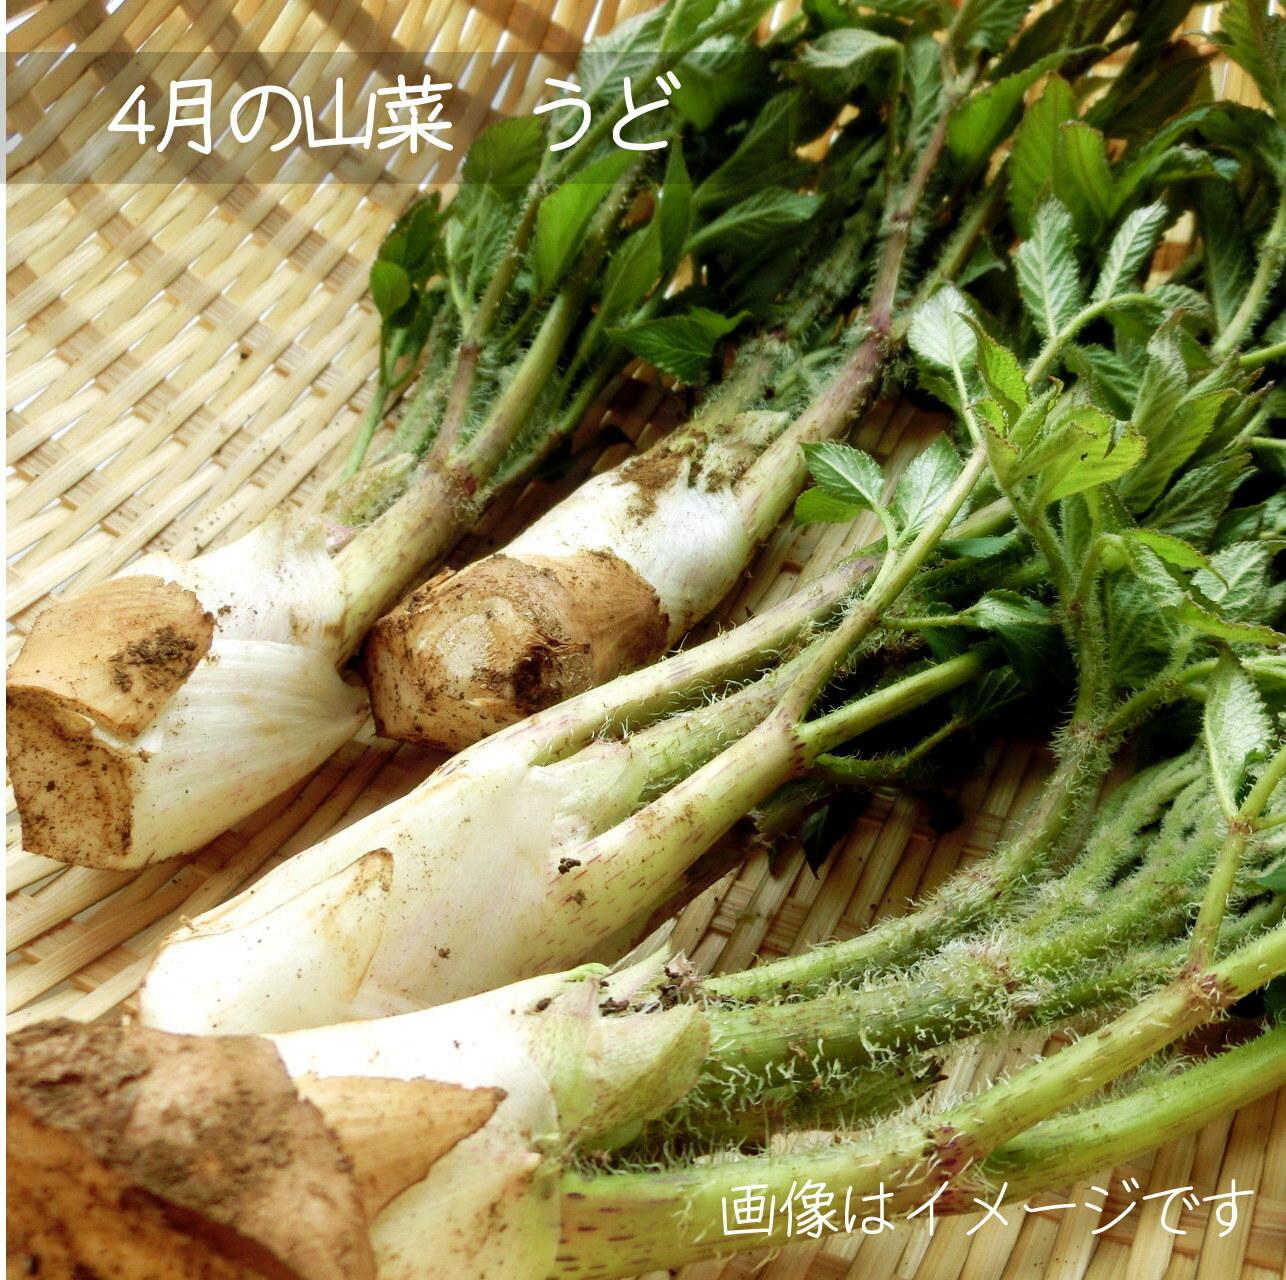 5月の山菜 ウド 朝採り直売野菜 5月18日発送予定